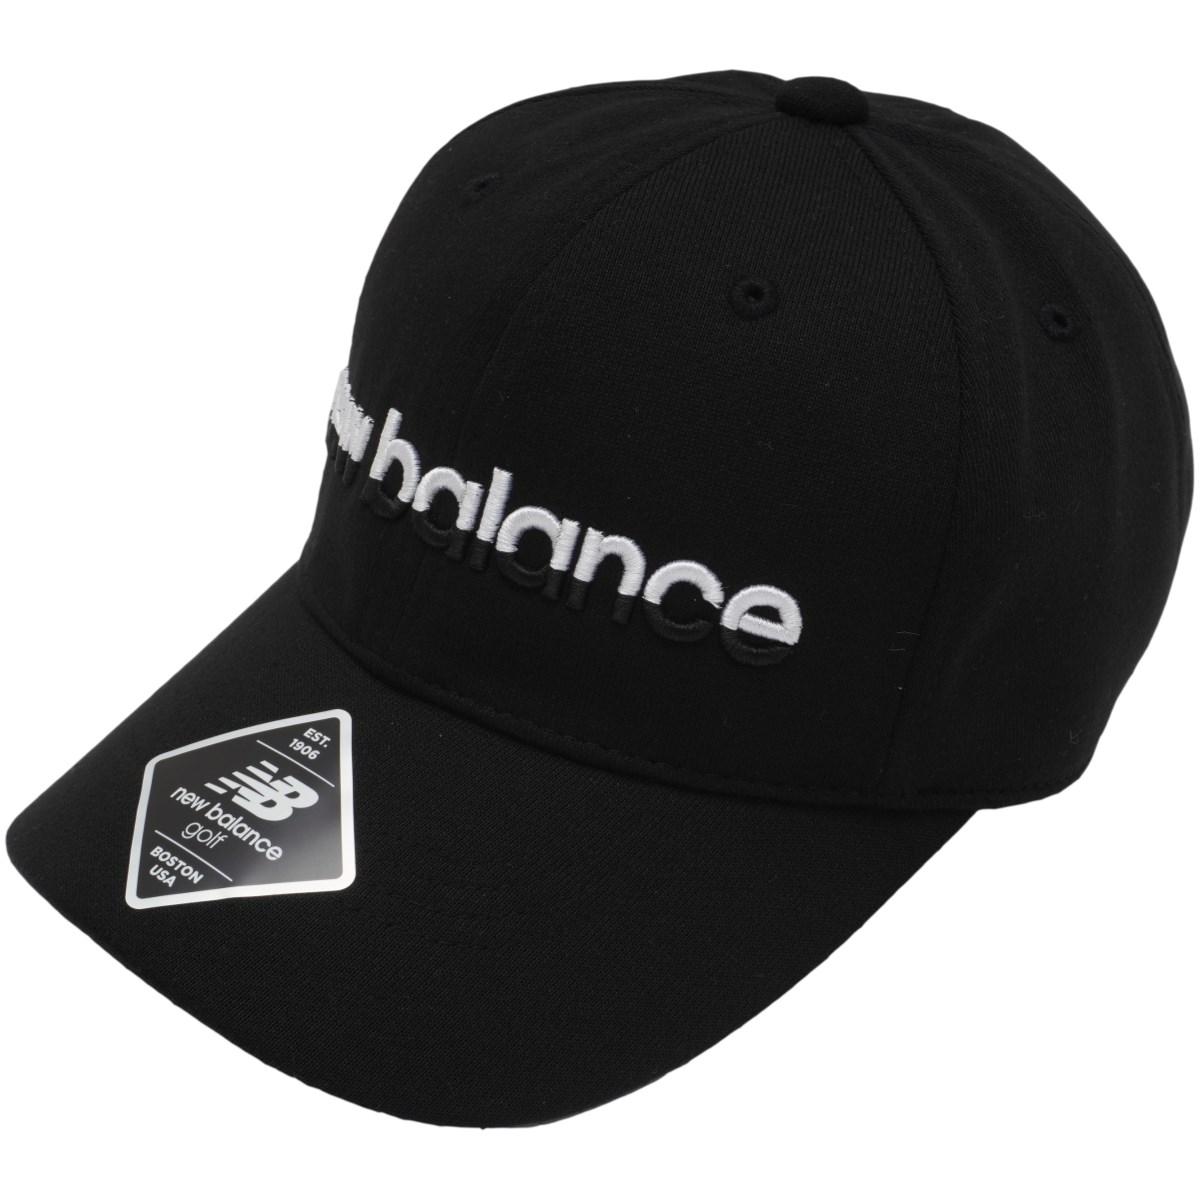 ニューバランス New Balance SPORT キャップ フリー ブラック レディス